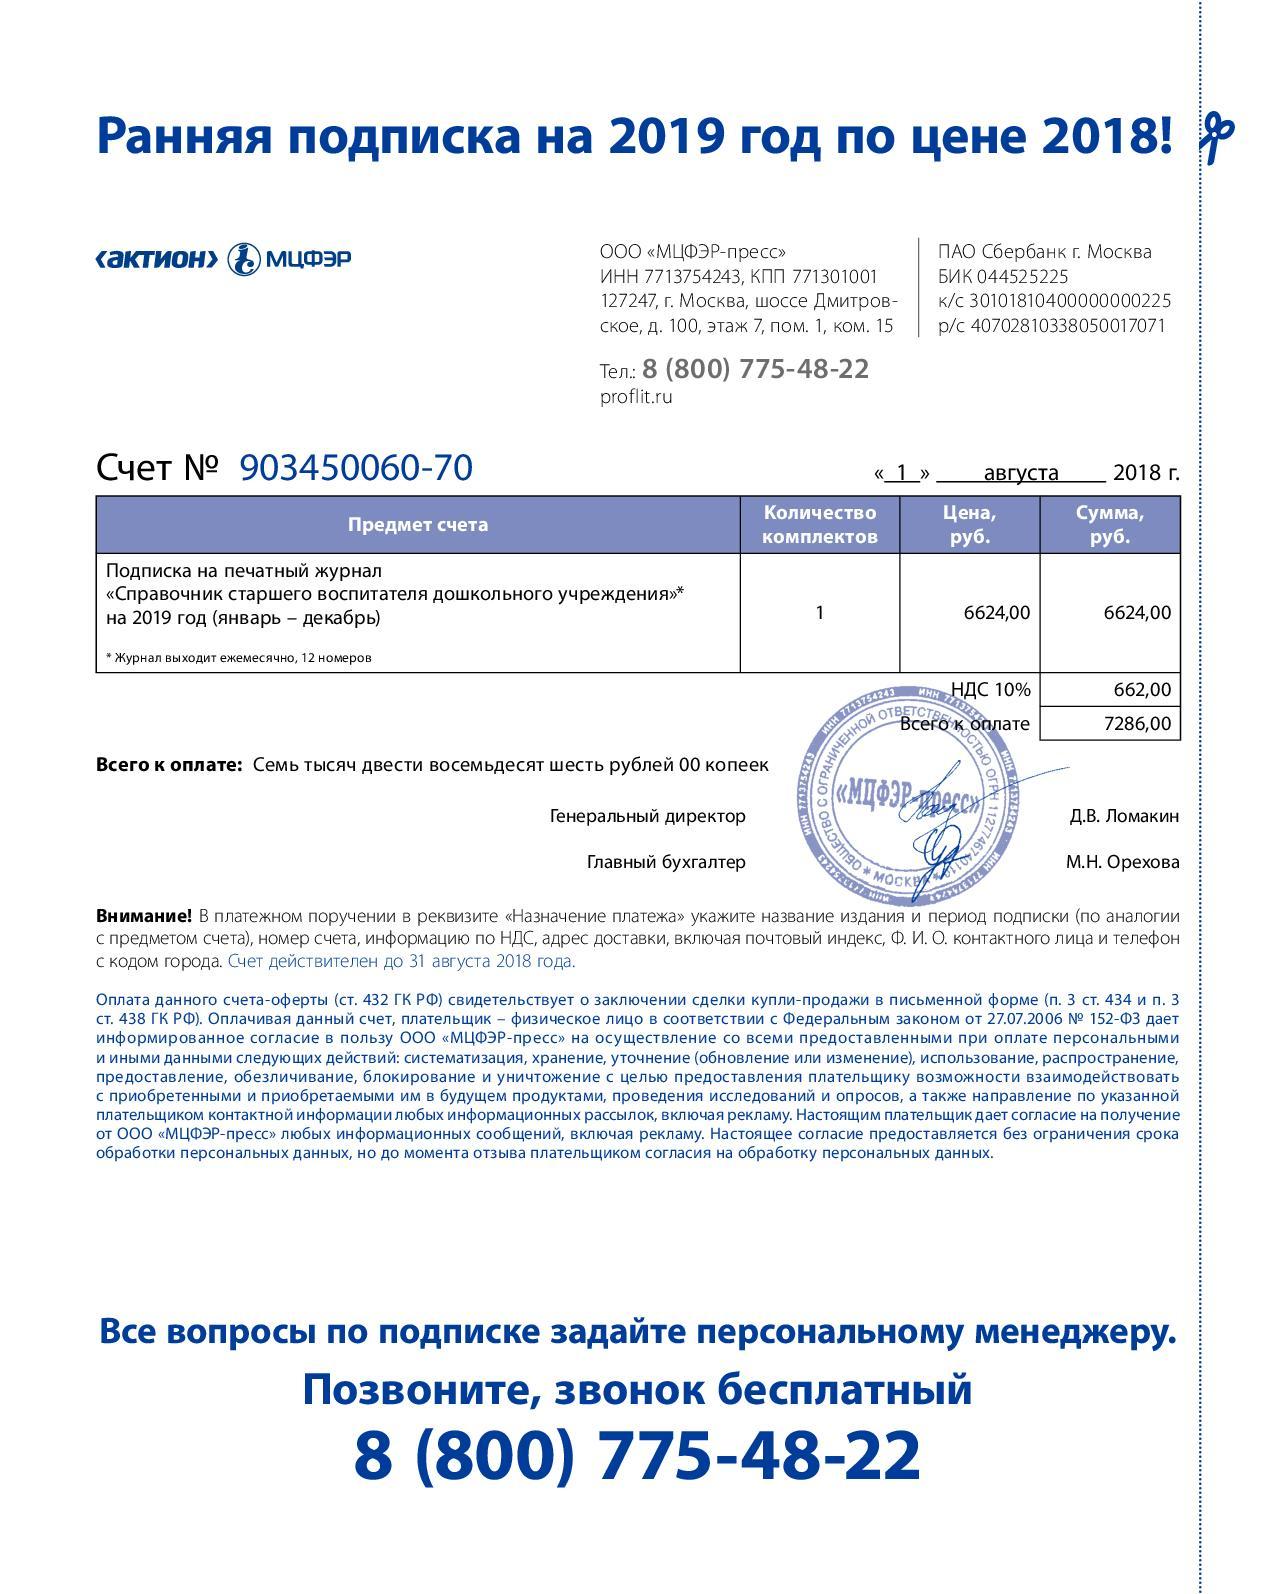 Медицинские справки для бассейна в Дмитрове с доставкой